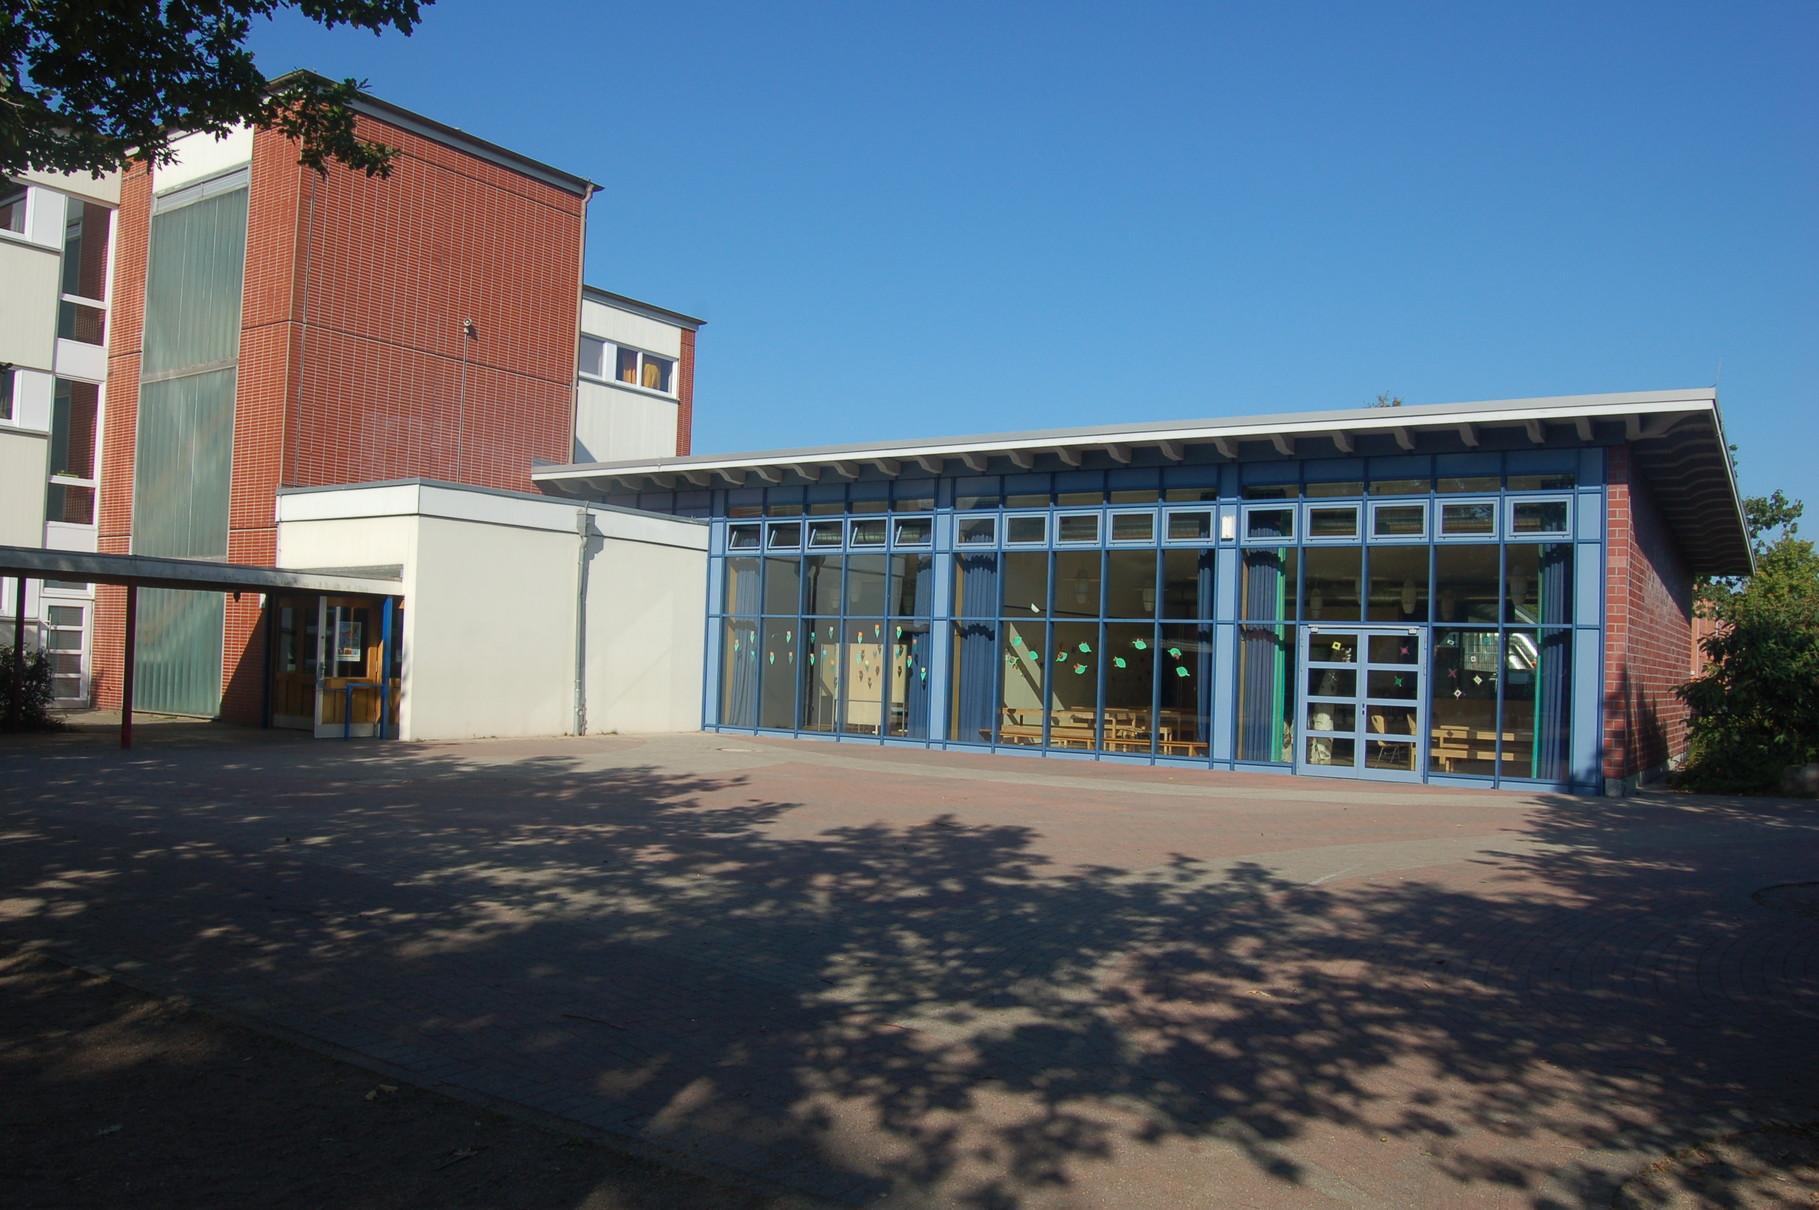 Schulgebäude - Aula von außen, Schulhof